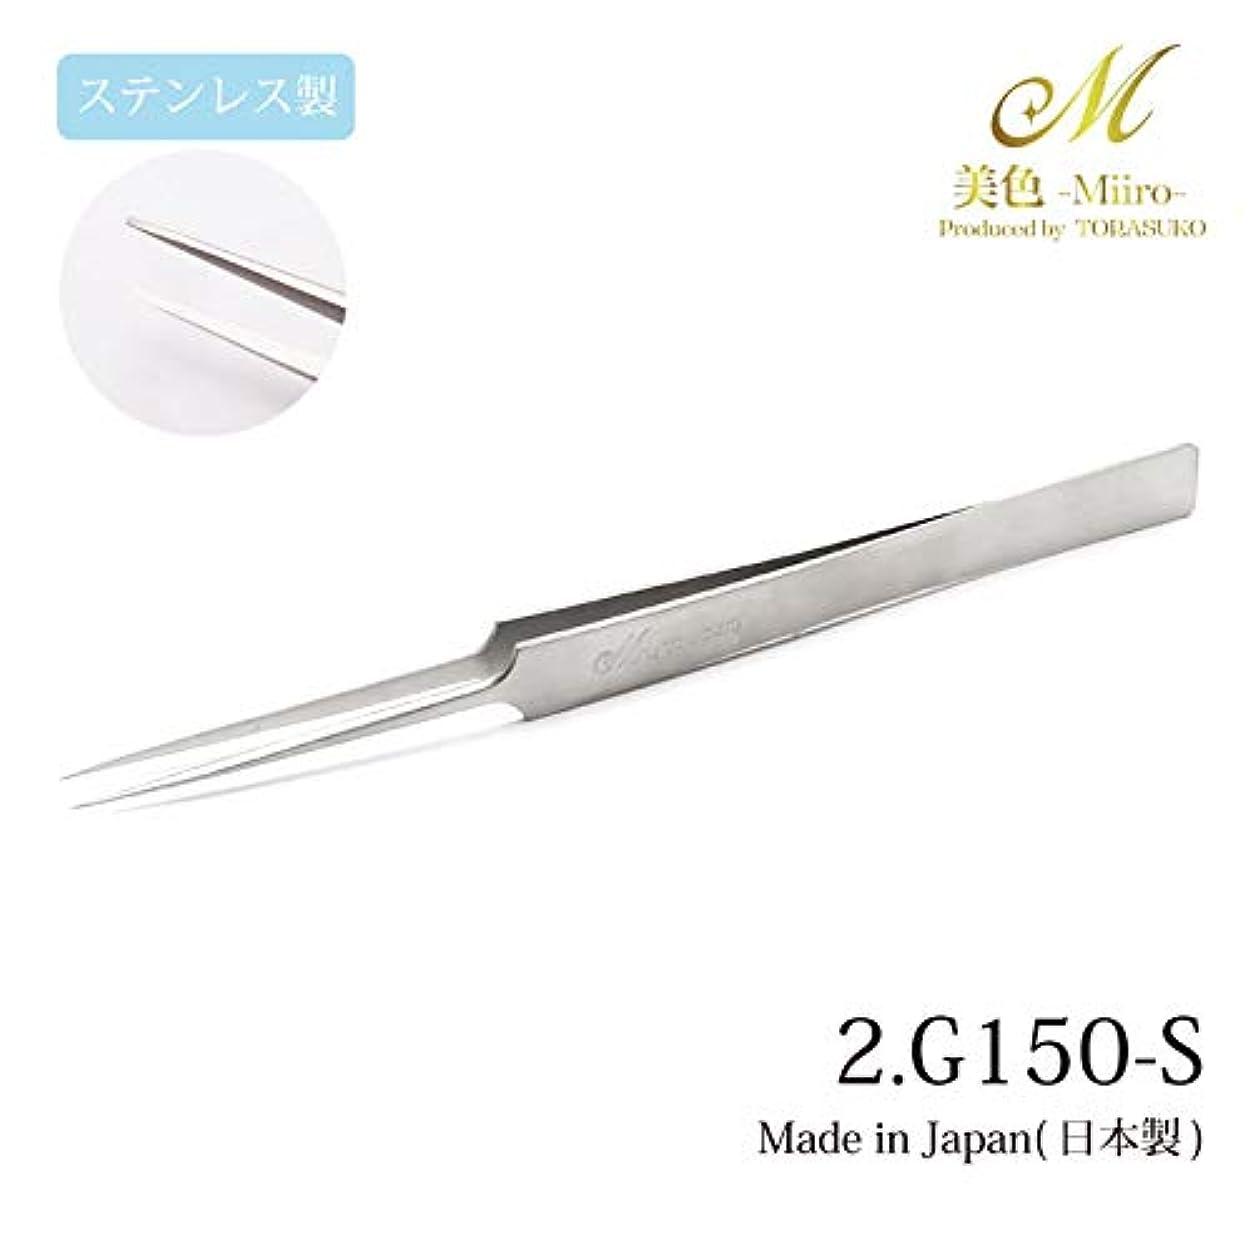 バット予測する無線日本製 ツイーザー 2.G150-S